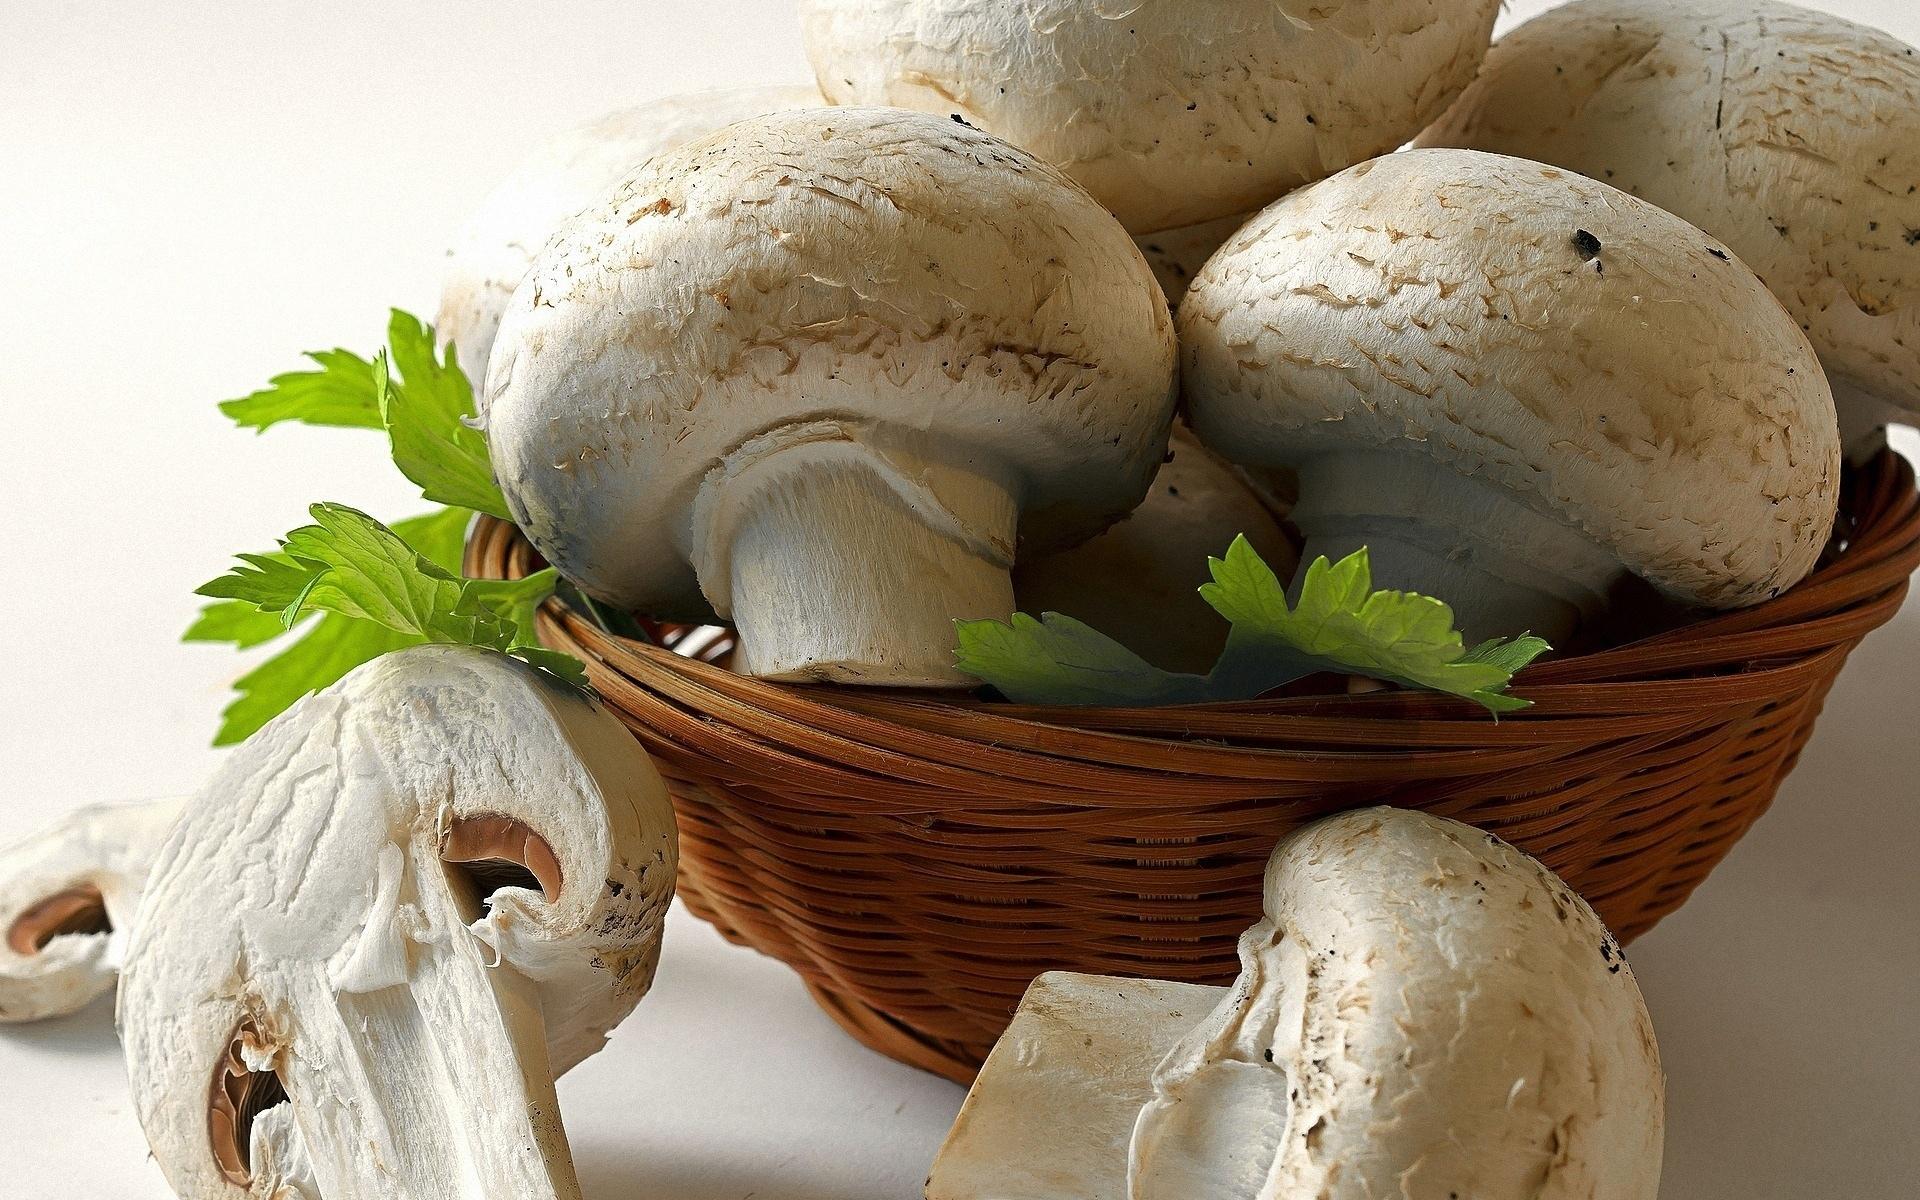 Mushroom wallpapers HD quality